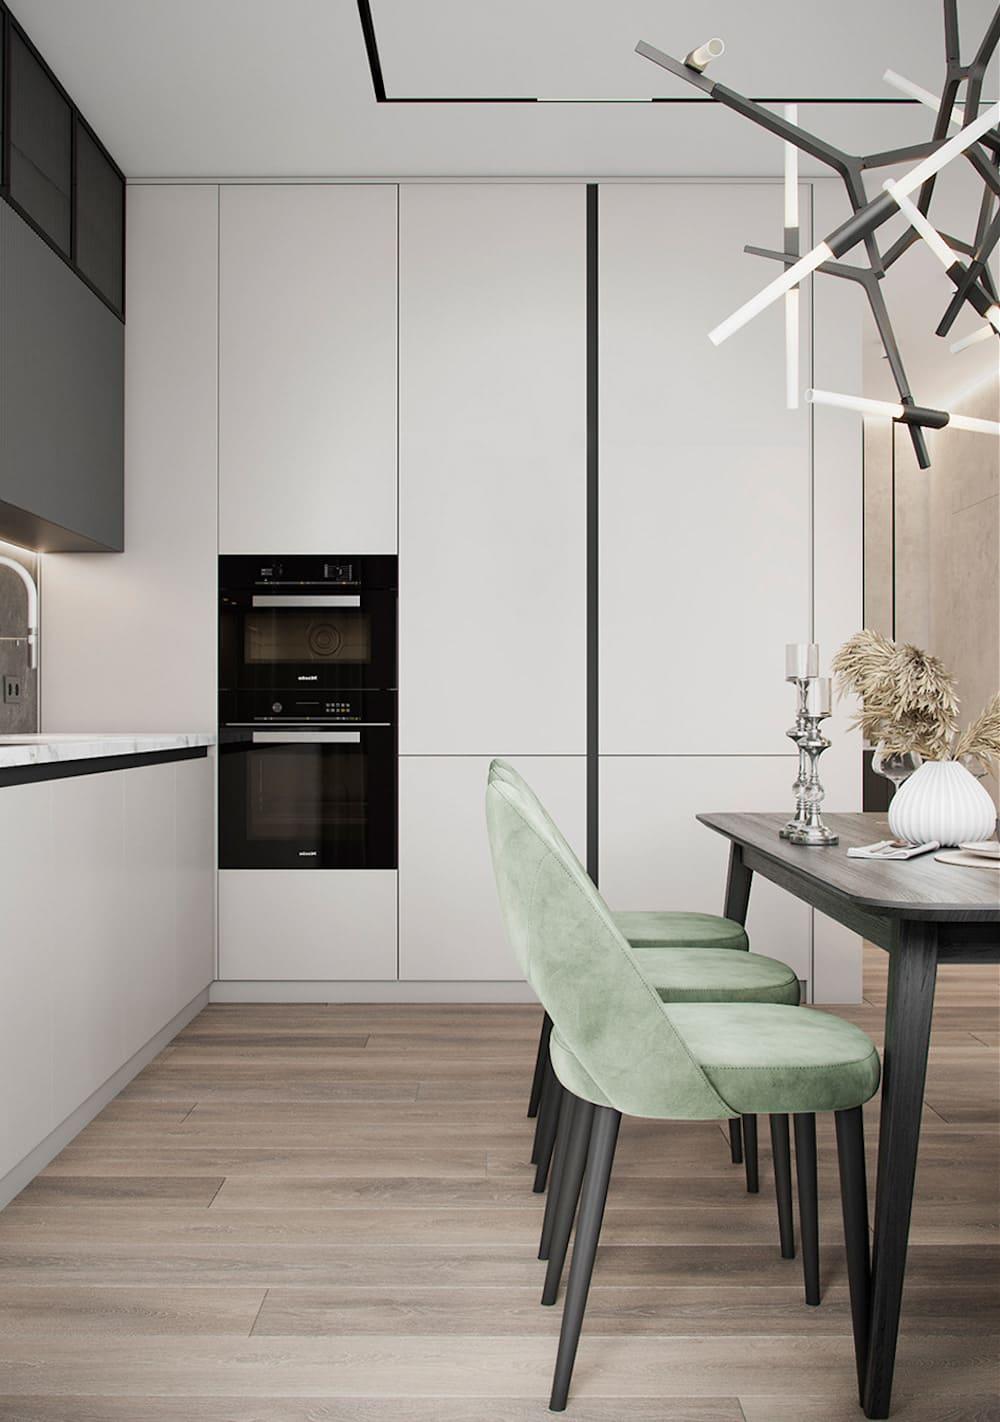 дизайн кухни в современном стиле фото 6